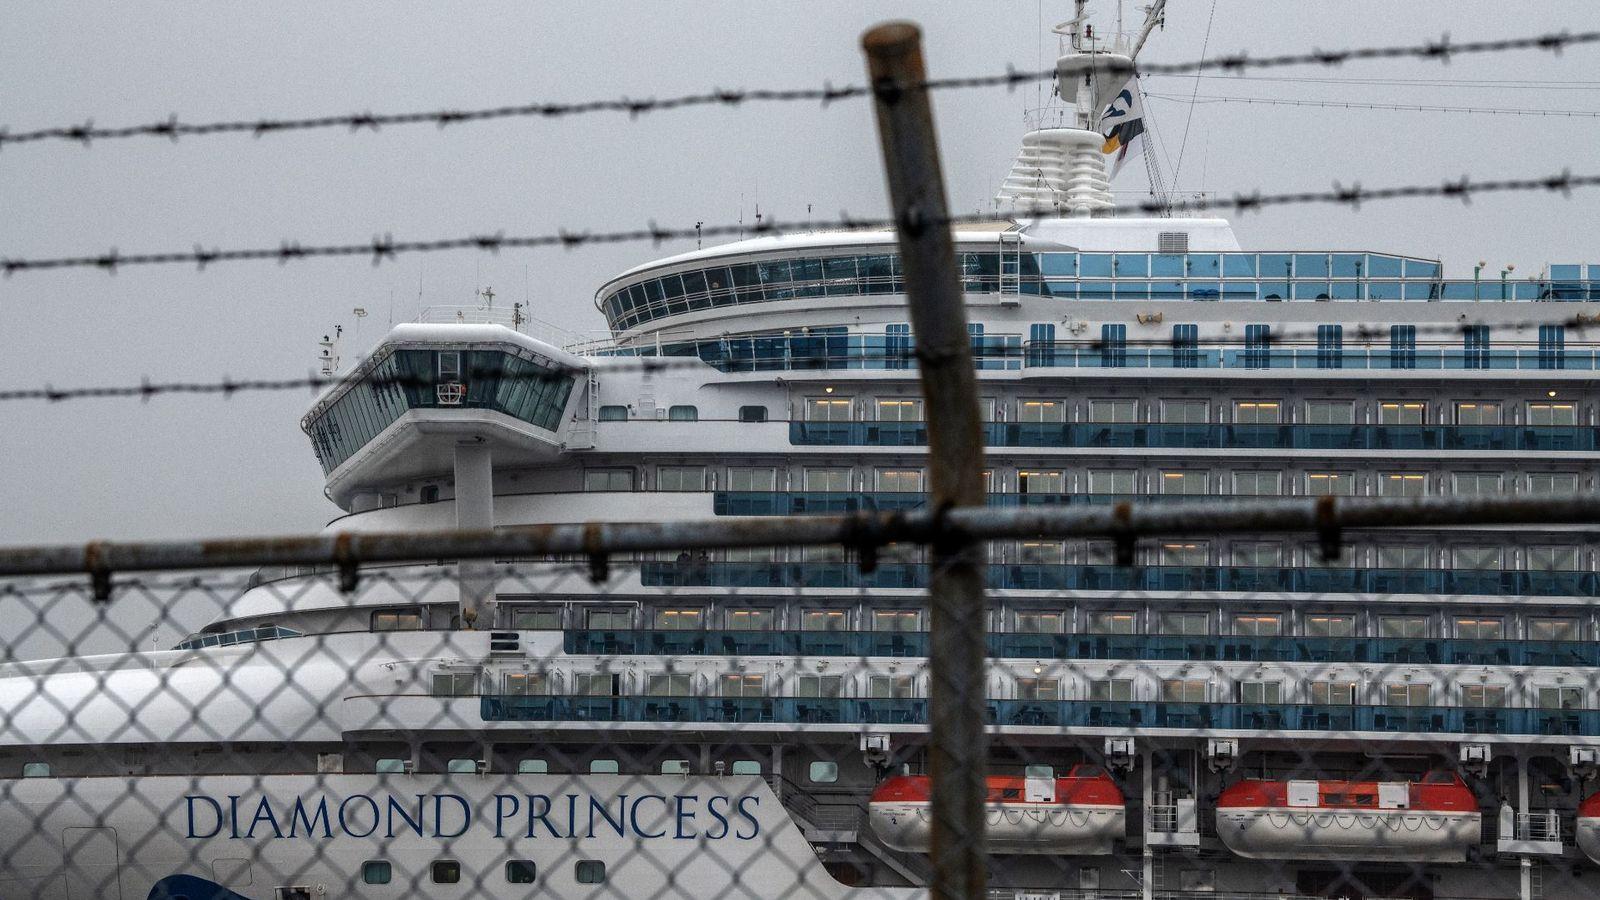 Coronavirus: UK 'strongly encourages' quarantined Britons to take flight back home